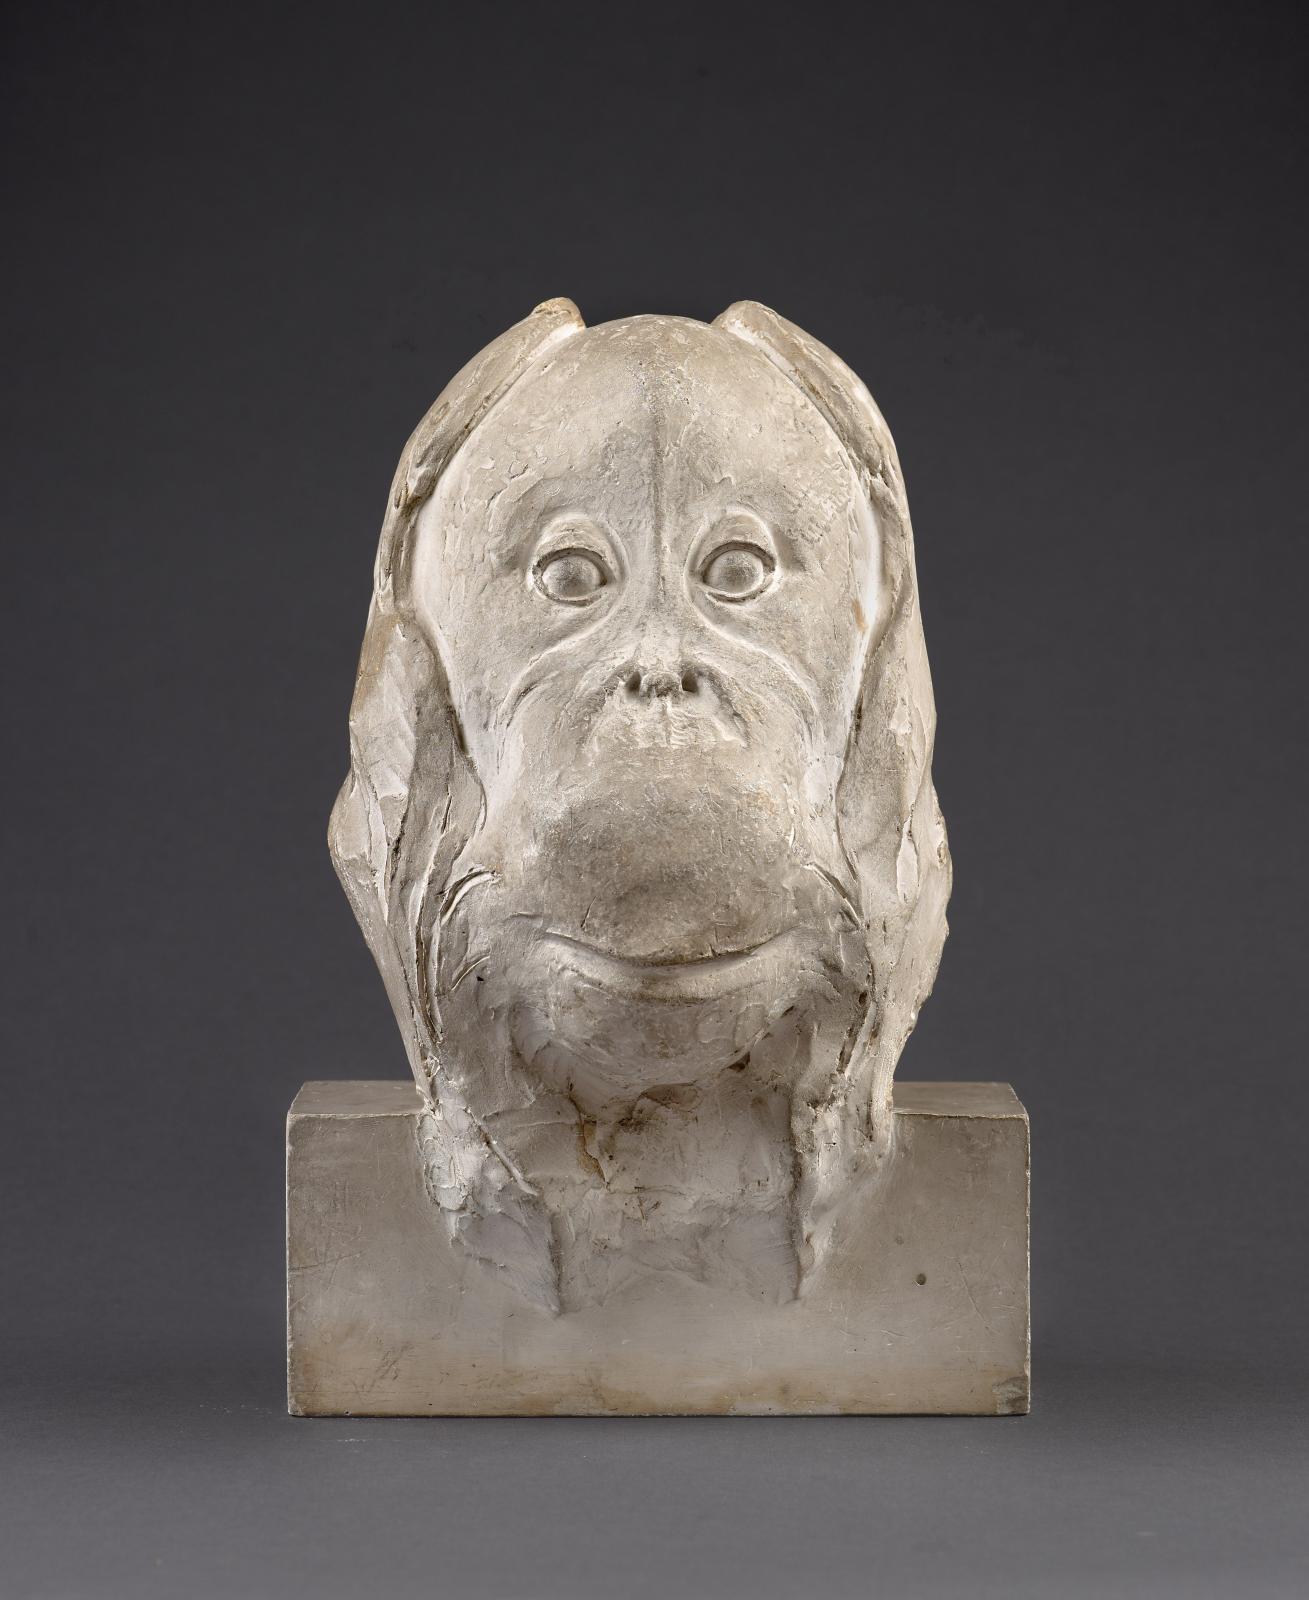 François Pompon (1855-1933), Tête d'orang-outan, 1930, plâtre, 34,5x23x21cm. Galerie Malaquais, Paris